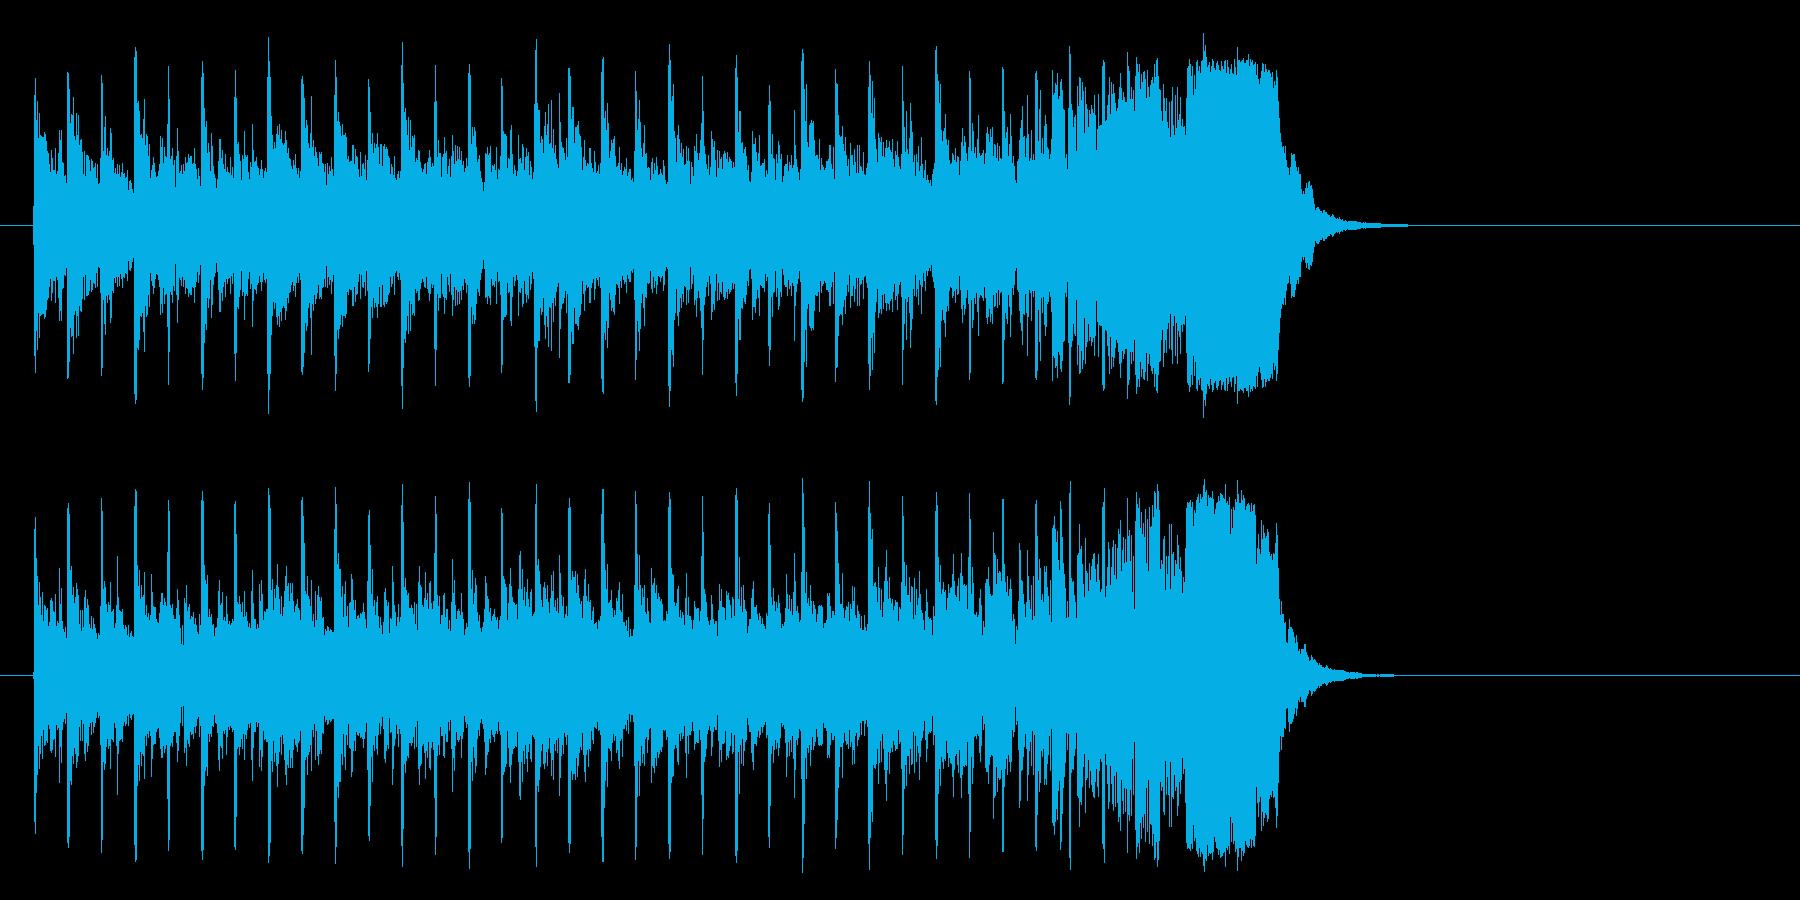 充実感を感じる清涼ポップ(イントロ)の再生済みの波形